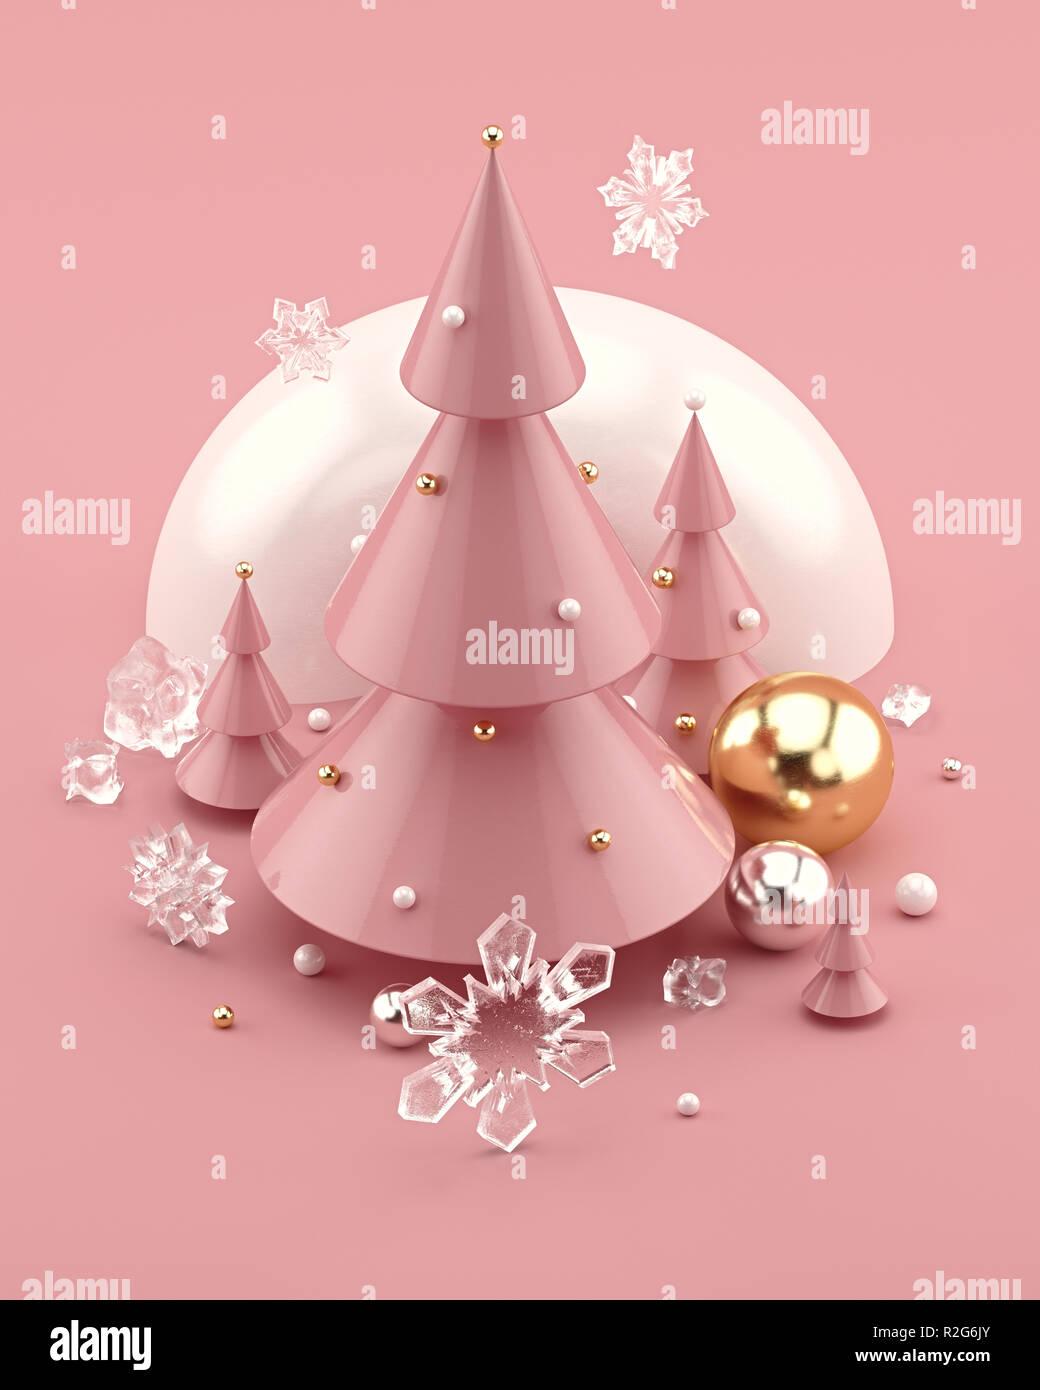 Ilustración 3D oro rosa decorada con árboles de Navidad y copos de nieve. Imagen De Stock